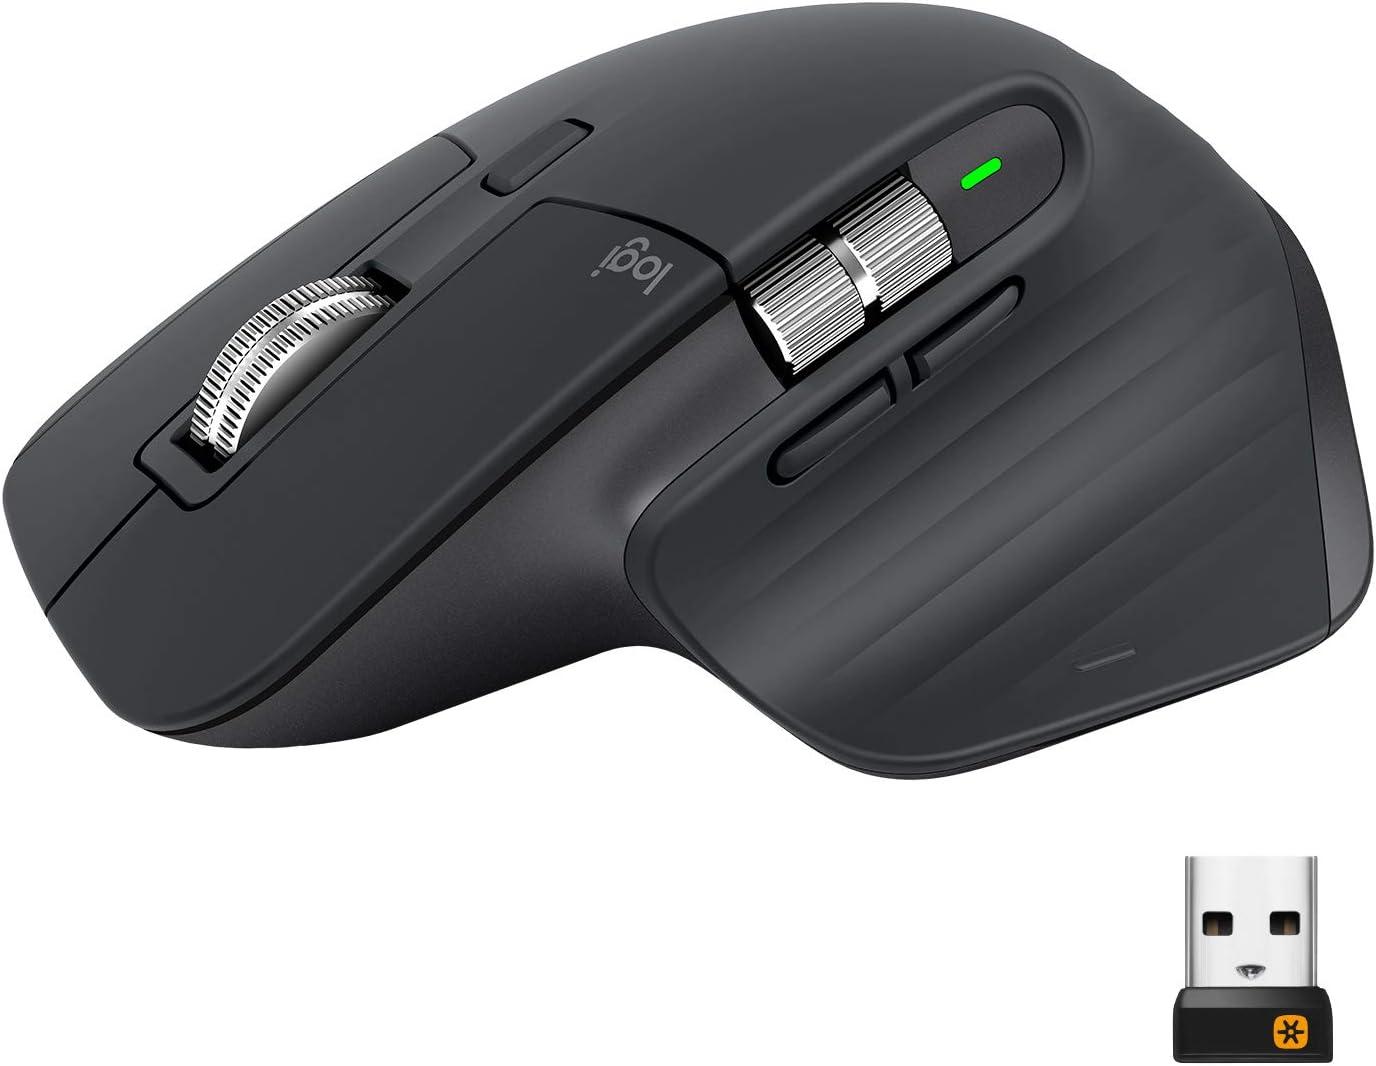 Logitech MX Master 3 Advanced Ratón Inalámbrico, Receptor USB, Bluetooth/2.4GHz, Desplazamiento Rápido, Seguimiento 4000 DPI en Cualquier Superficie, 7 Botones, Recargable, PC/Mac/Portátil/iPadOS